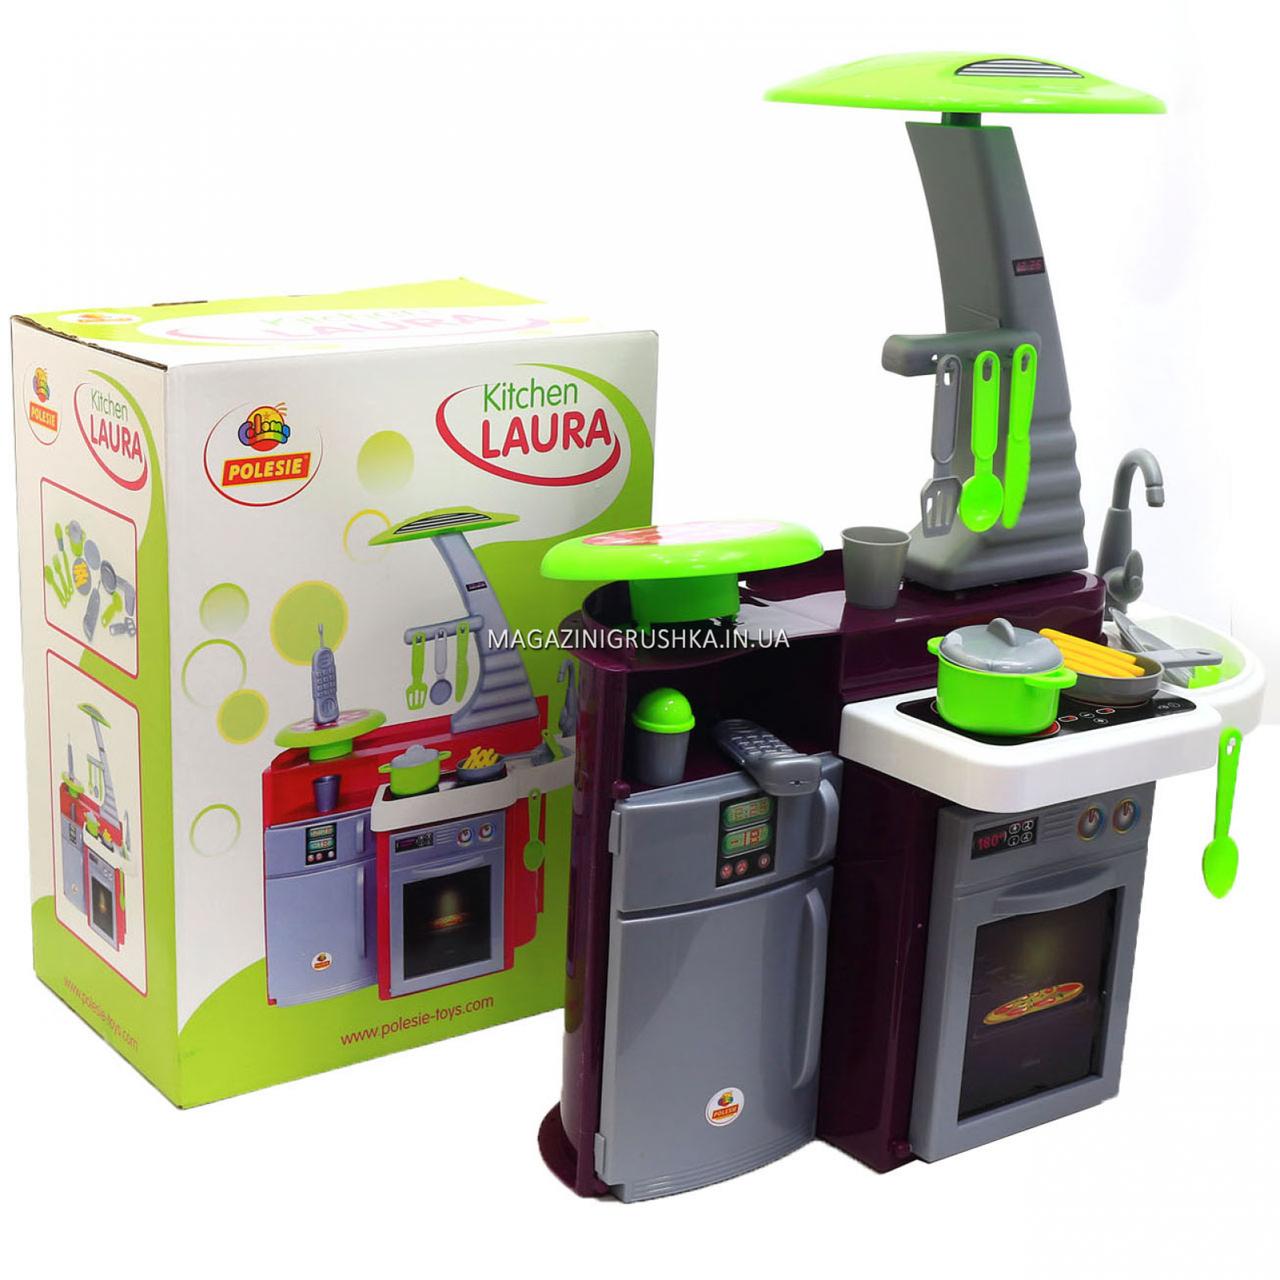 Игровой набор Polesie Кухня Laura (56313)